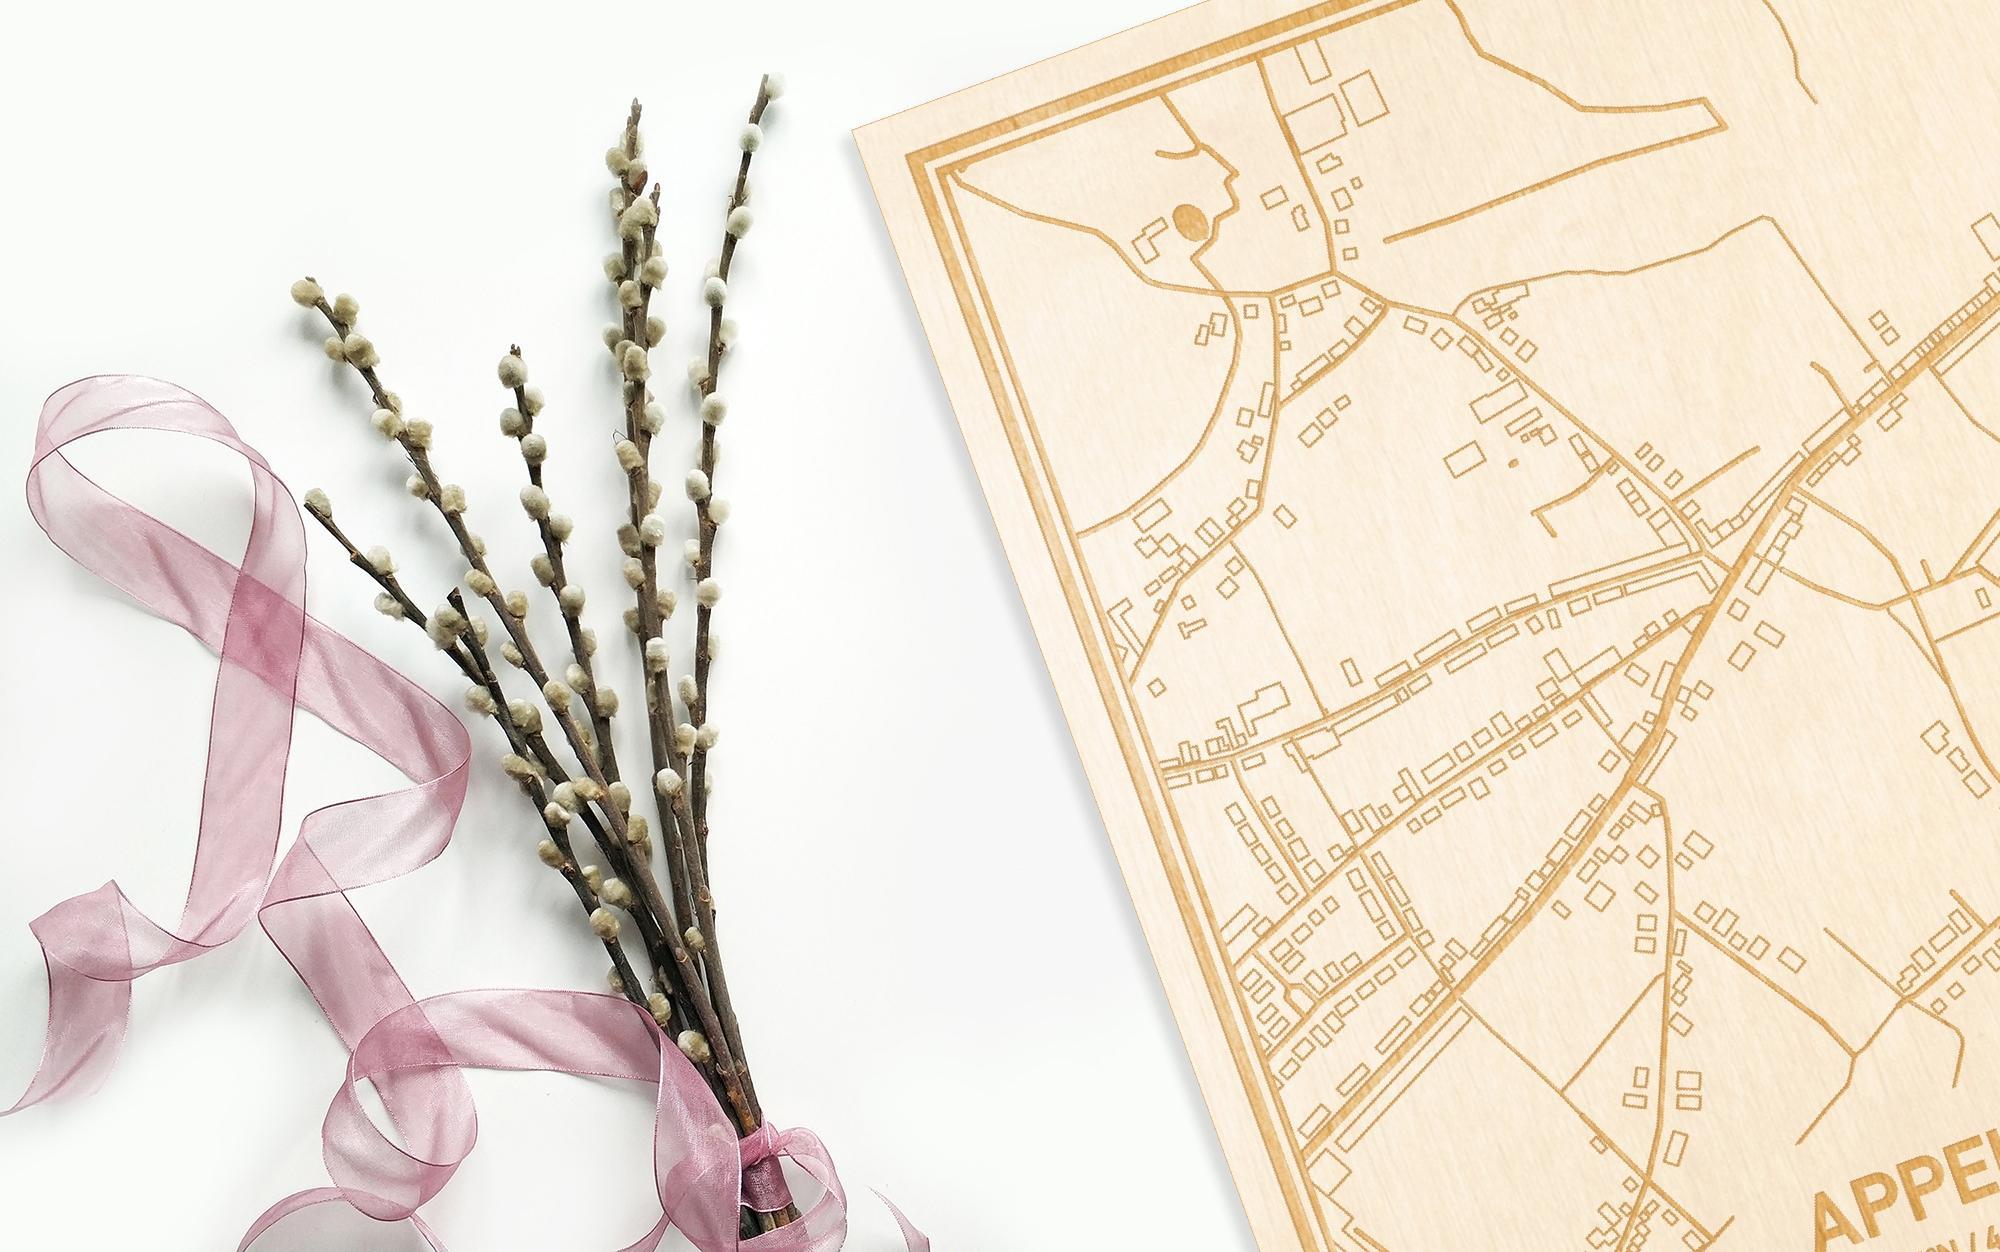 Hier ligt de houten plattegrond Appels naast een bloemetje als gepersonaliseerd cadeau voor haar.